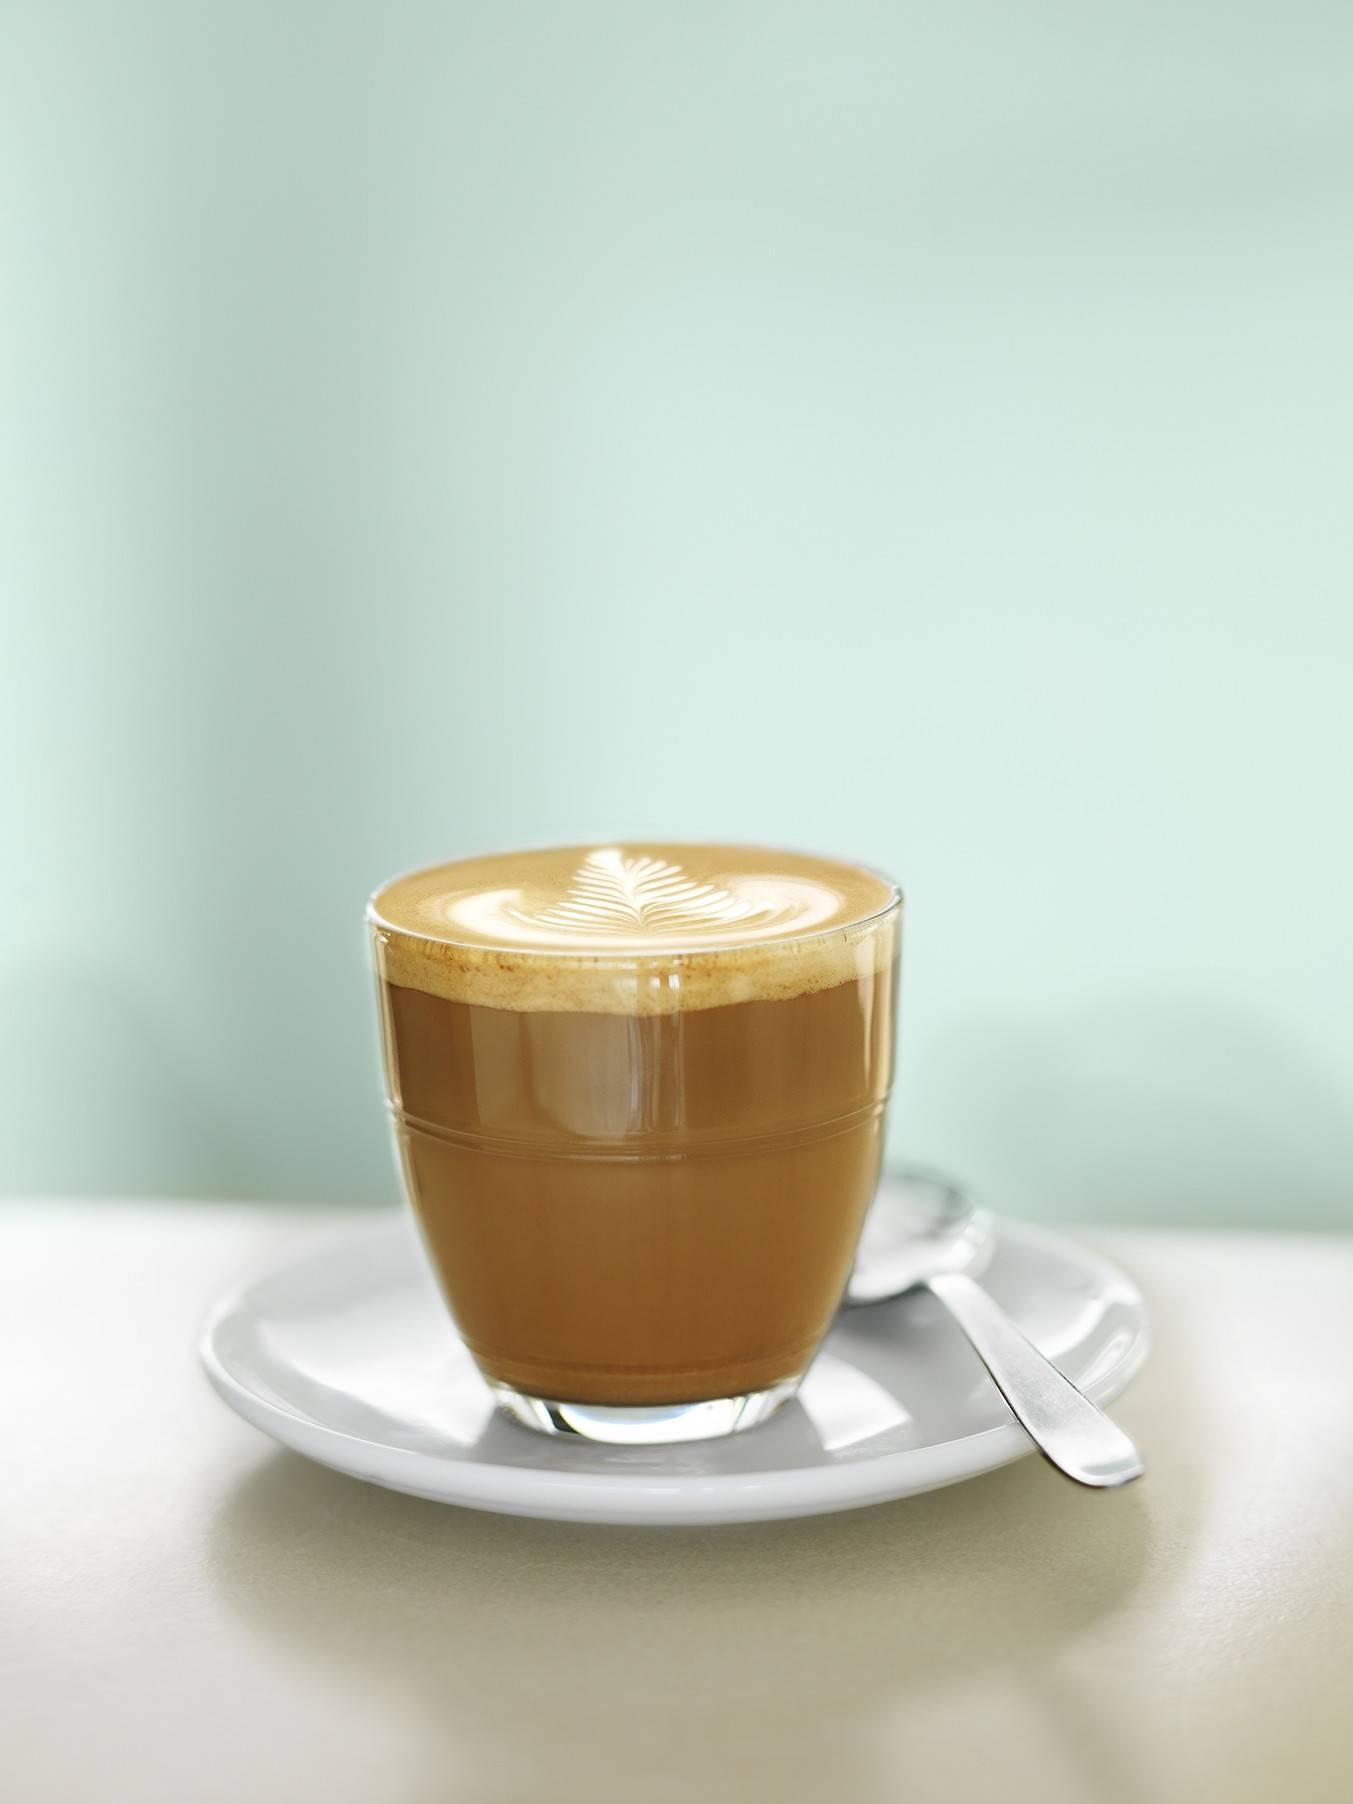 Разновидности кофейных напитков в испании